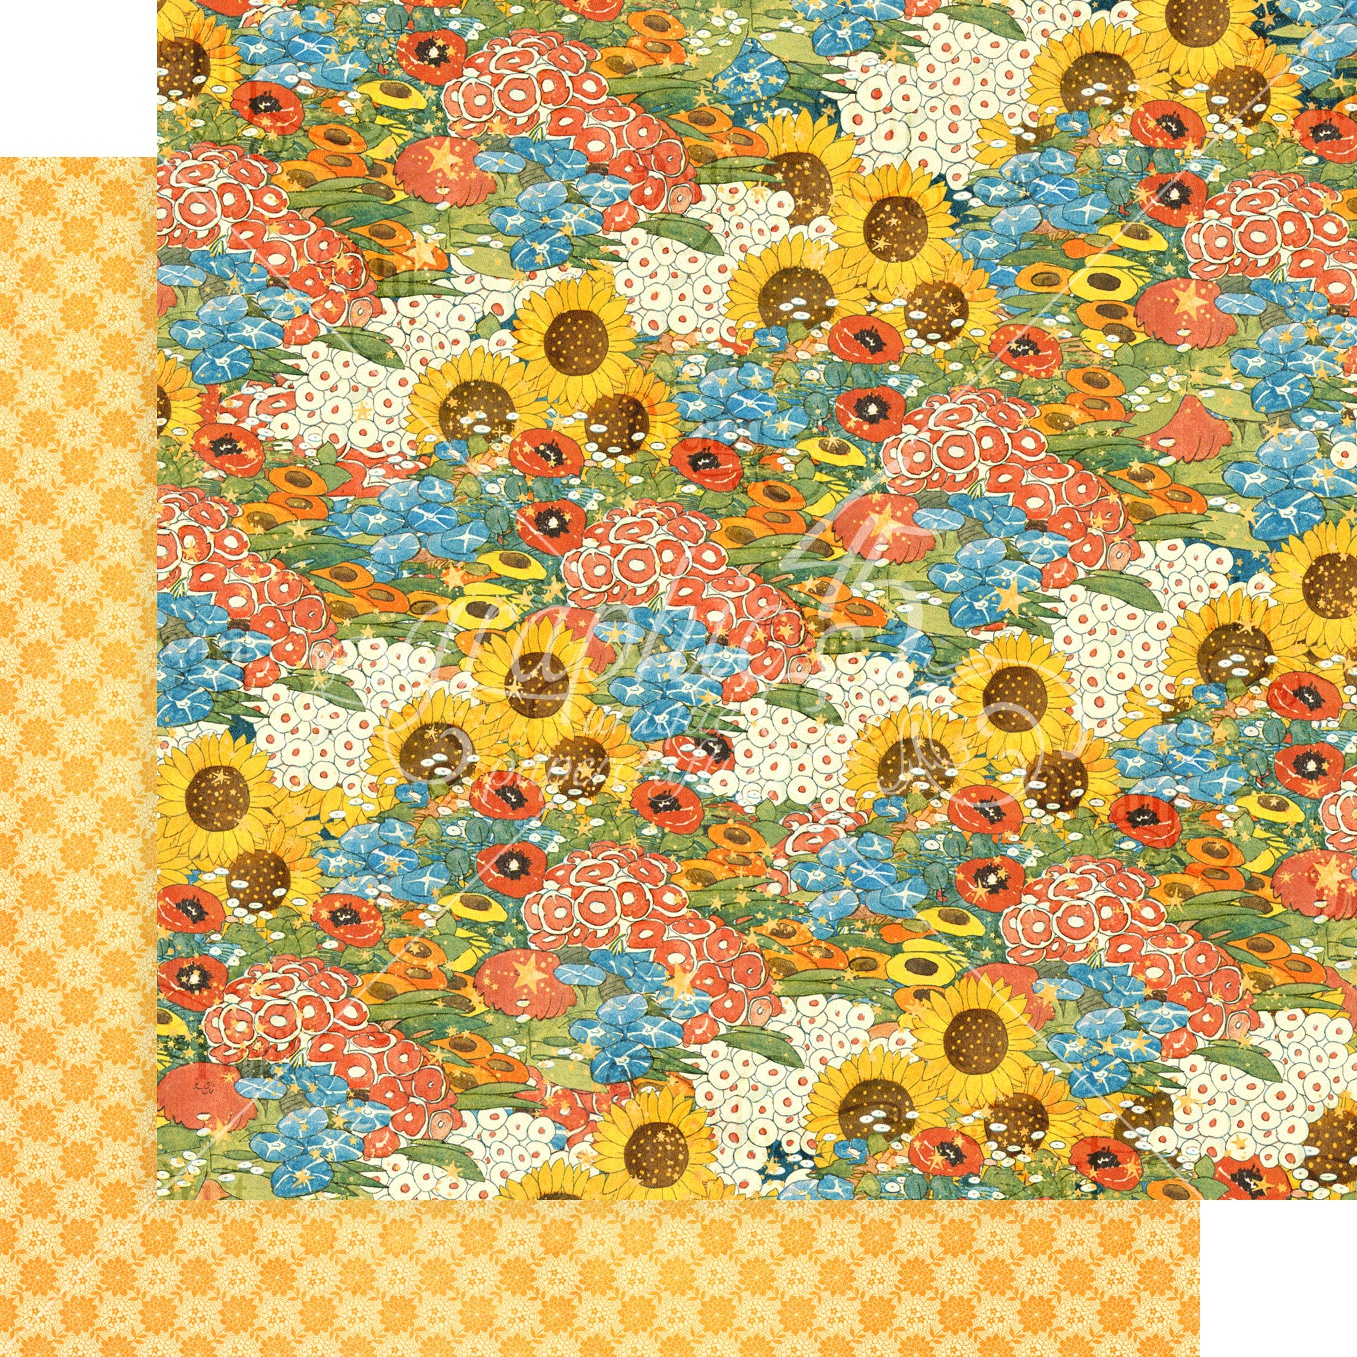 Dreamland-Blossom 12x12 paper